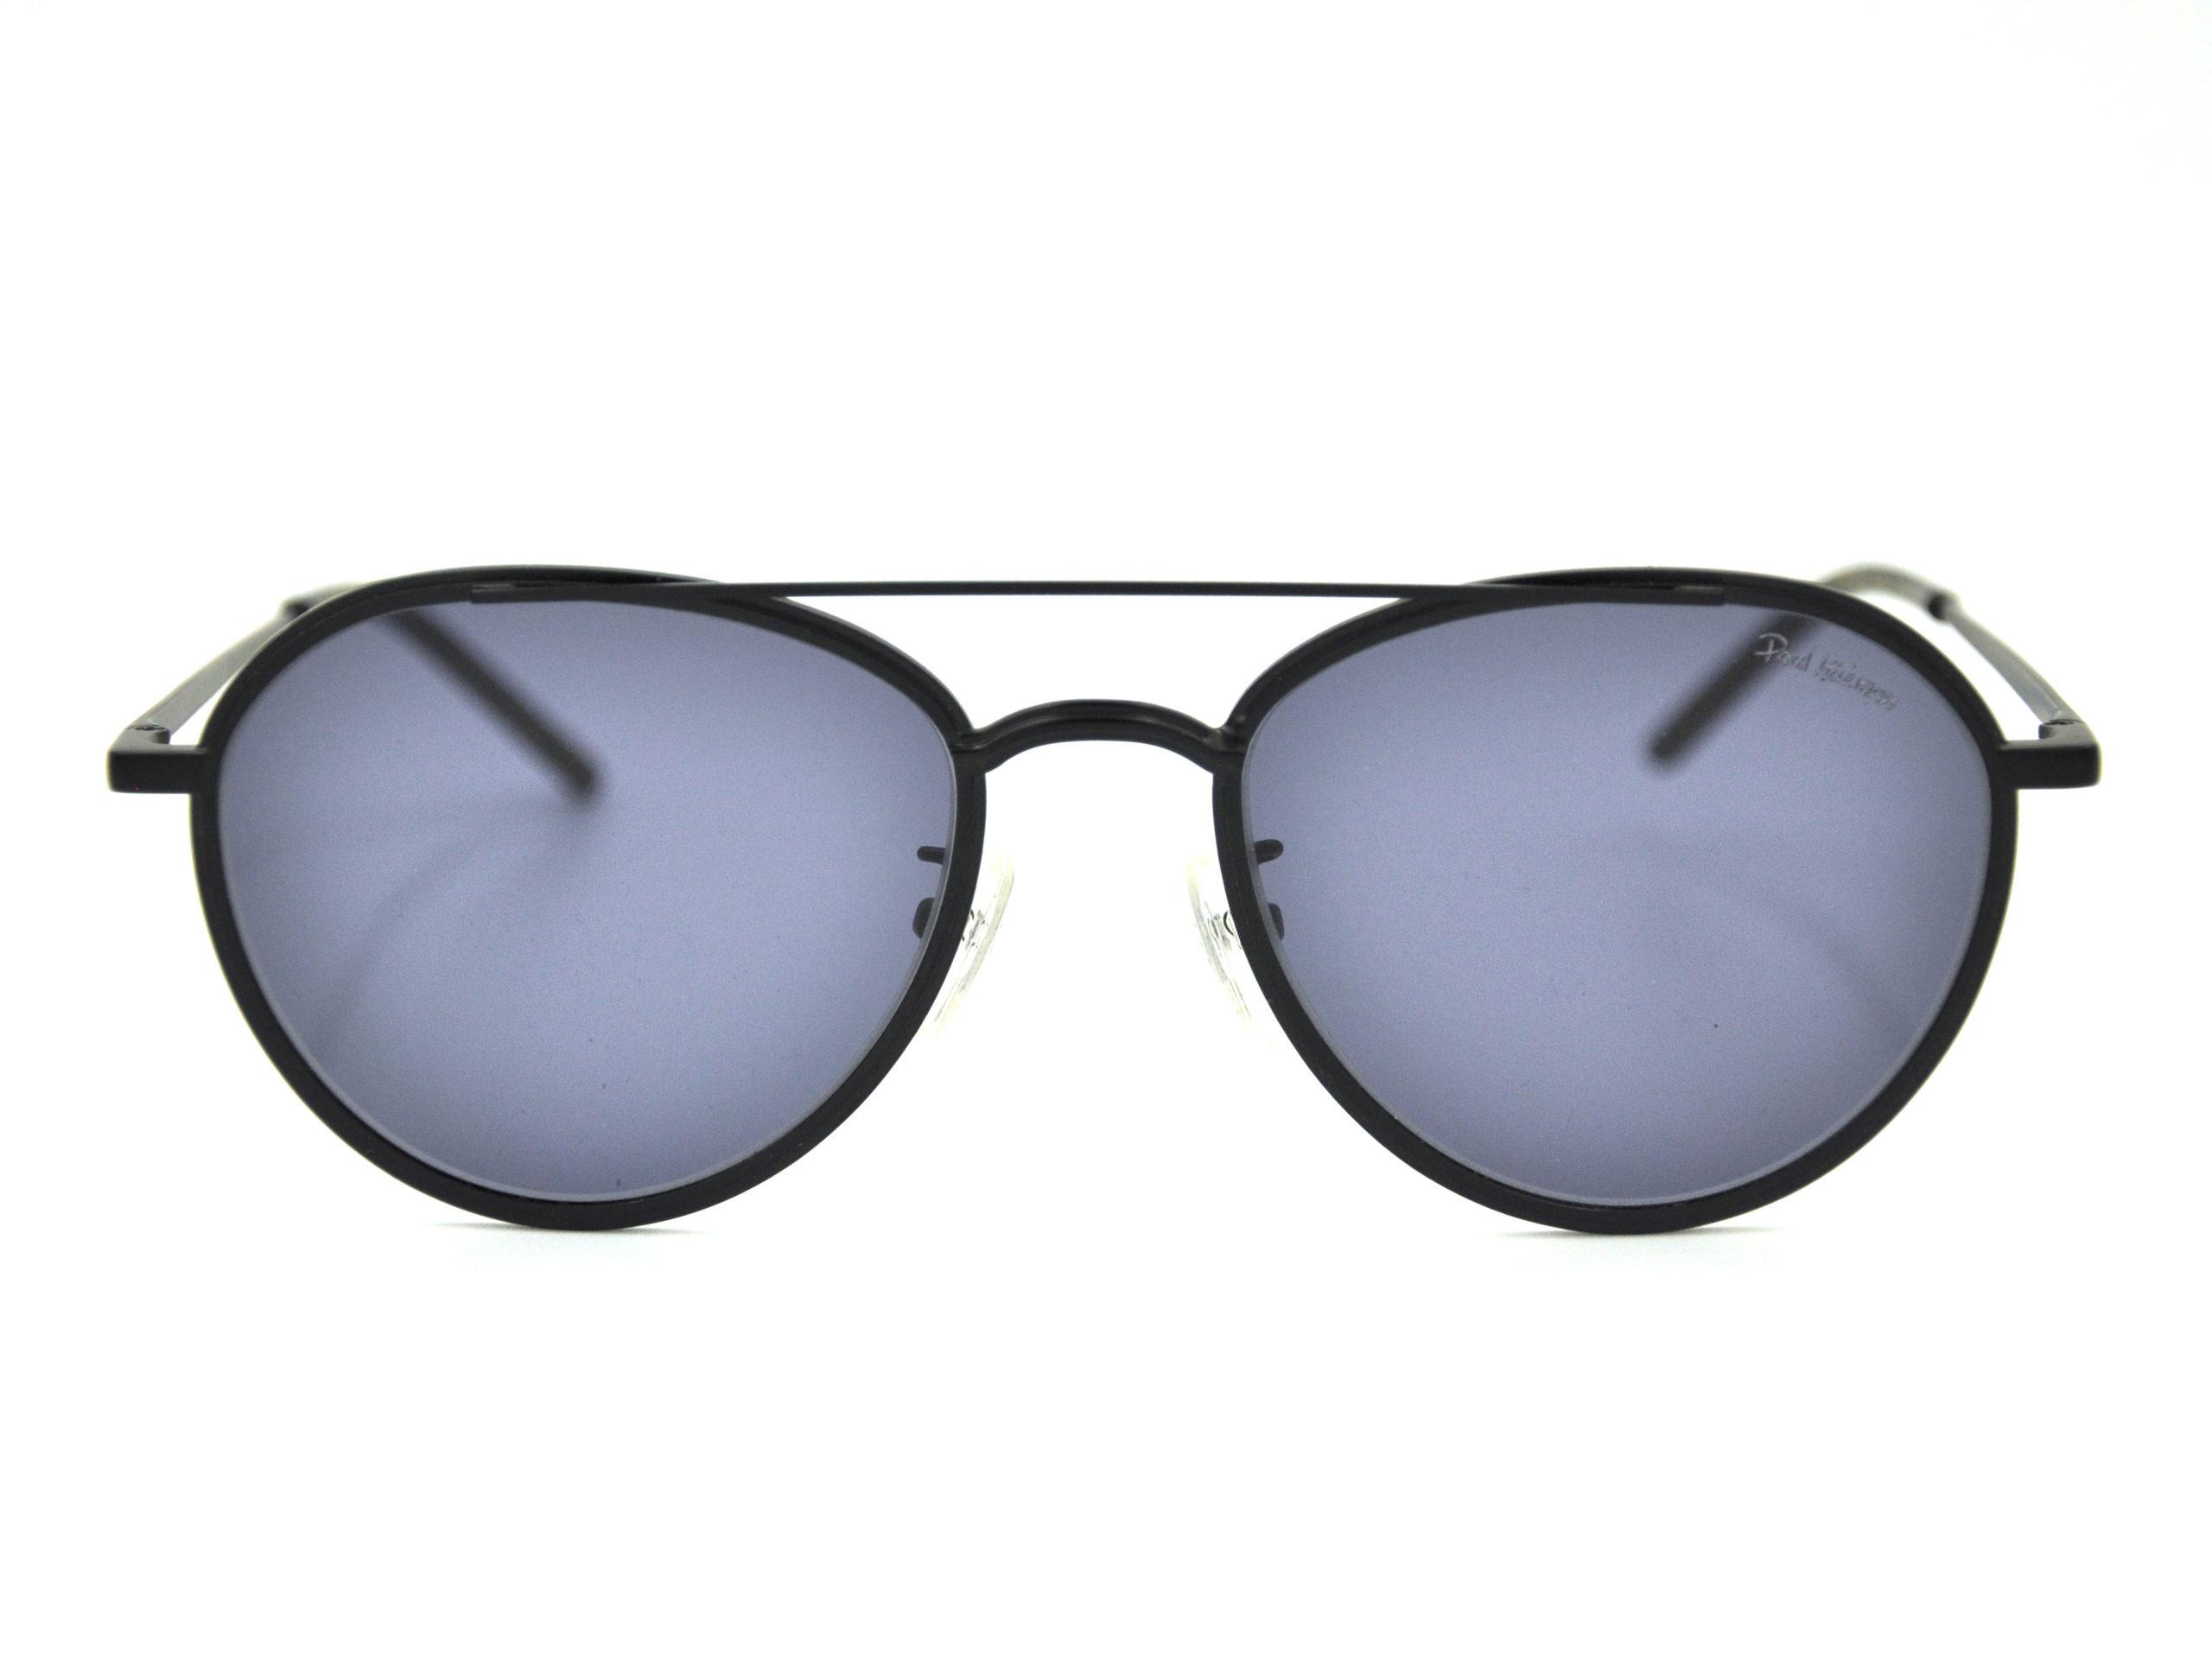 Γυαλιά ηλίου Paul Hueman PHS-896A C05-1 Πειραιάς